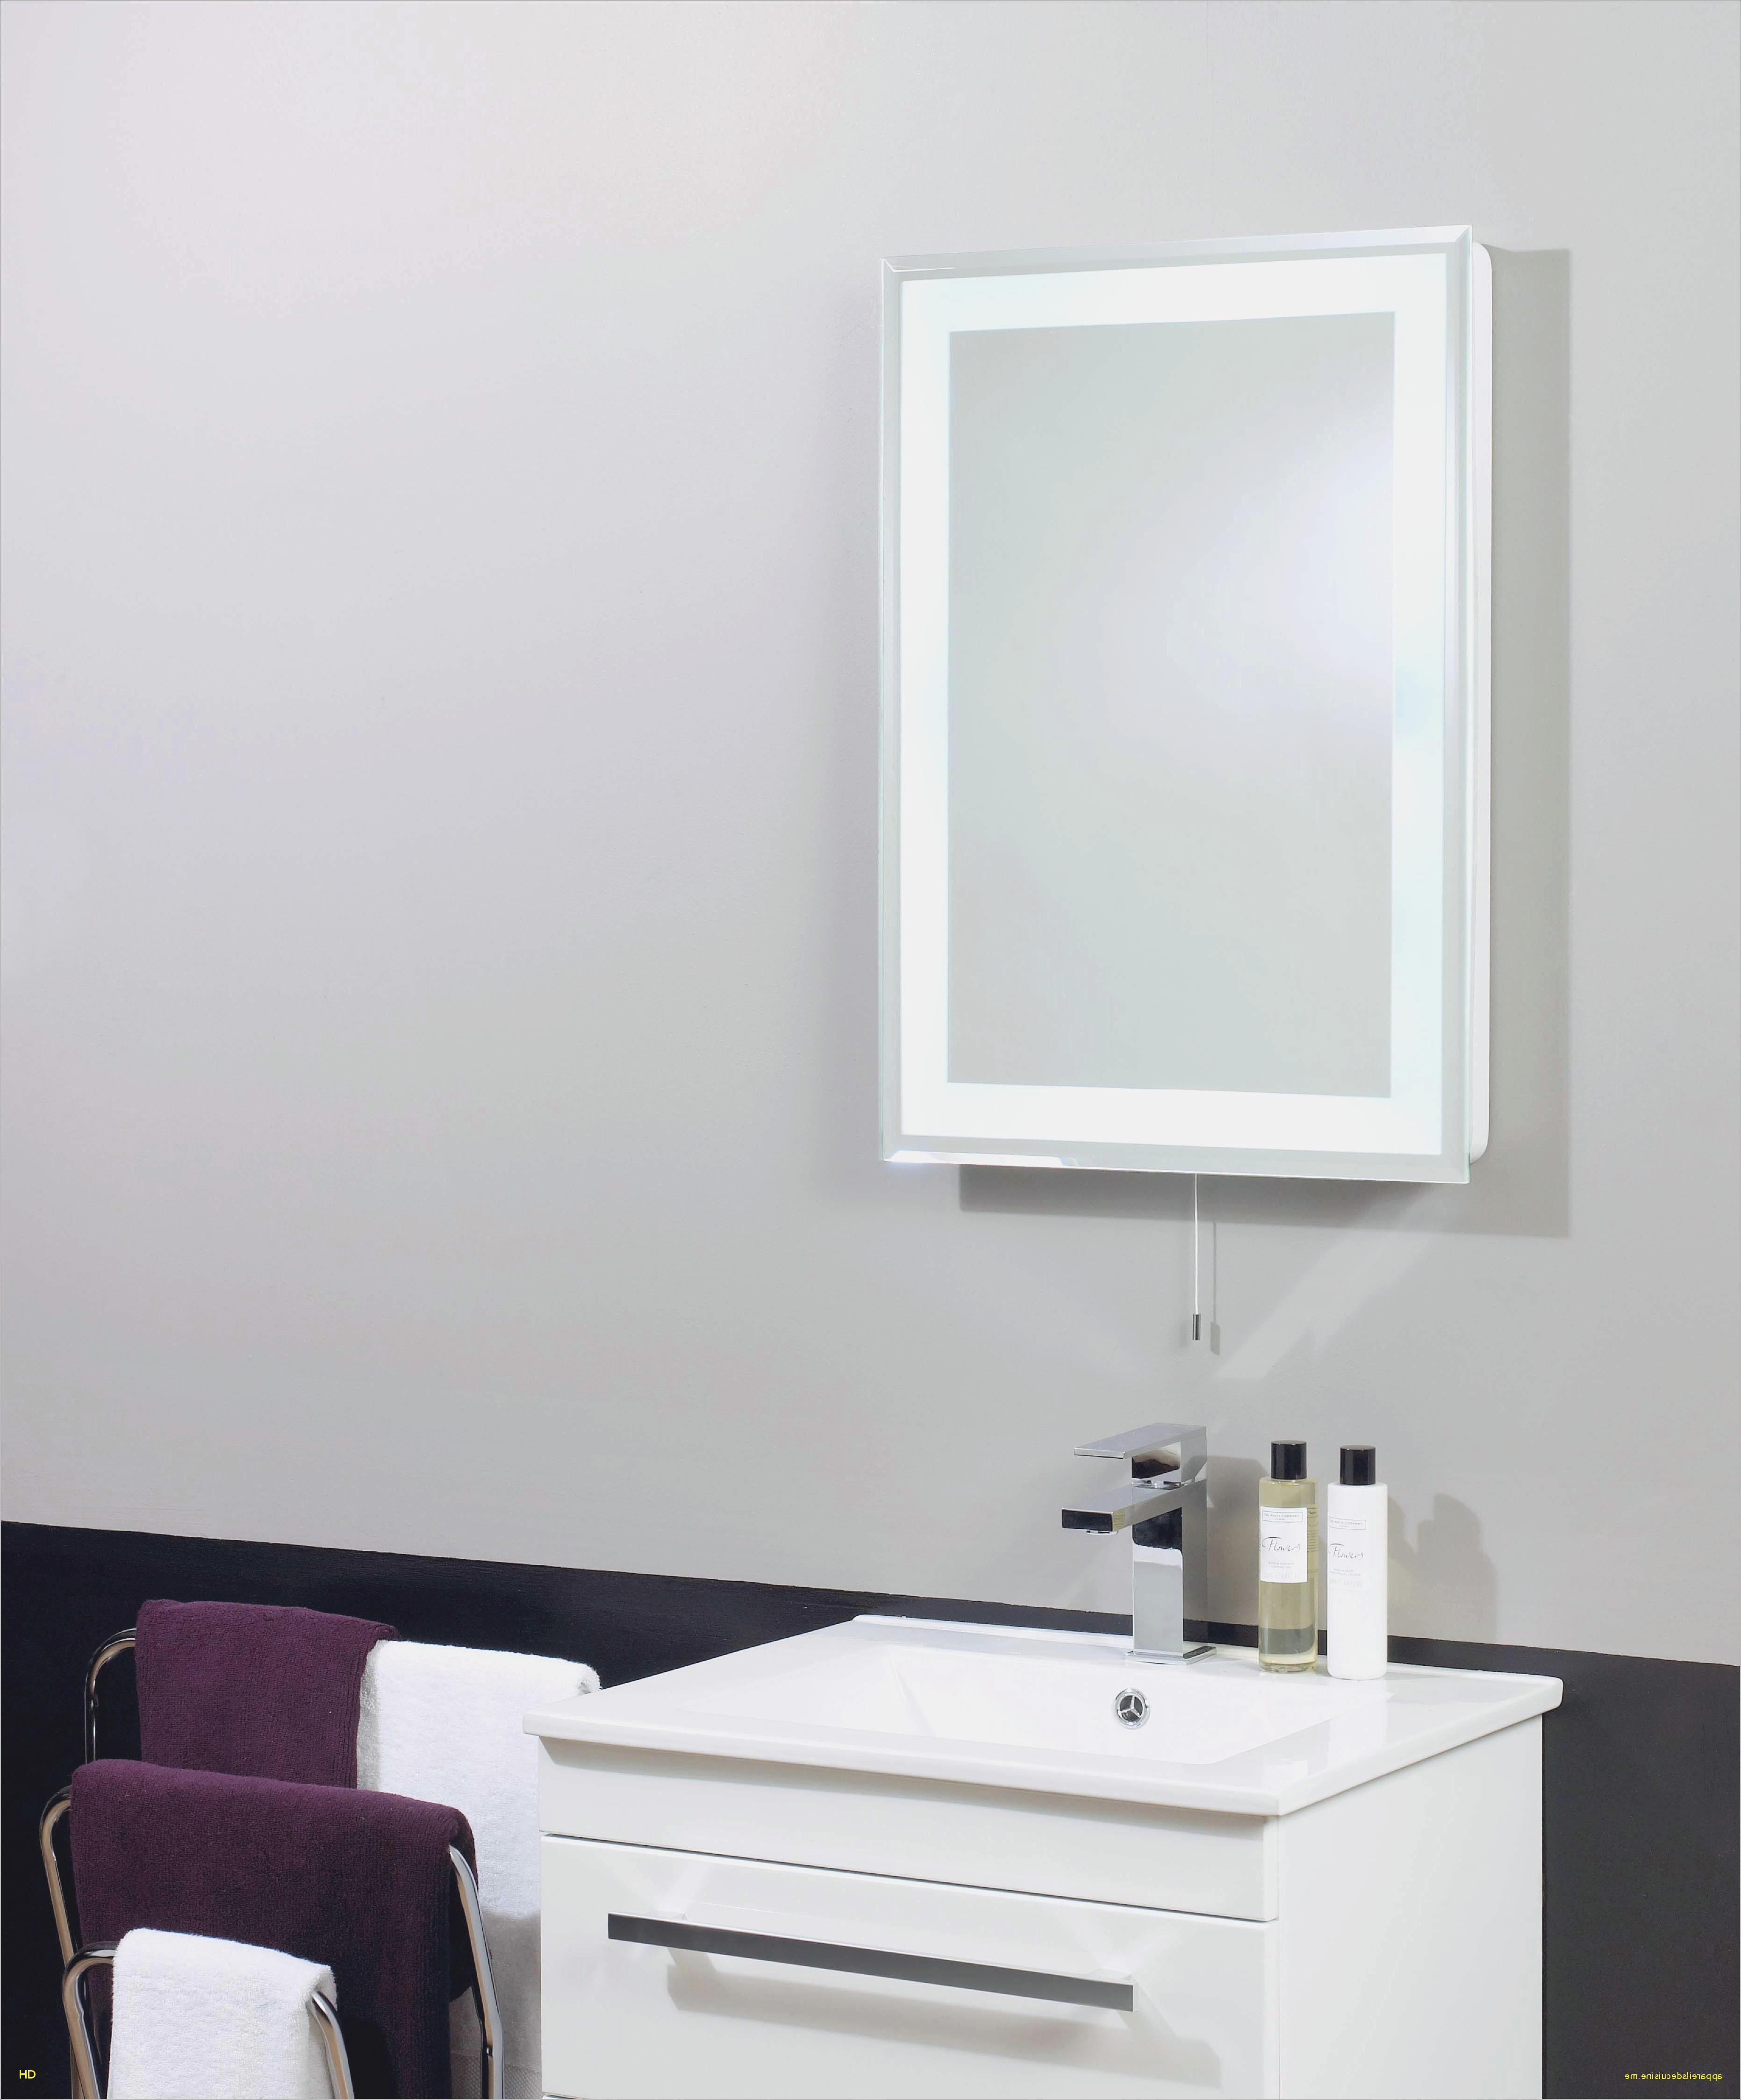 Salle De Jeux Ikea Beau Photographie Applique Salle De Bain Led Beau Miroir Salle De Bain Led Beau Miroir